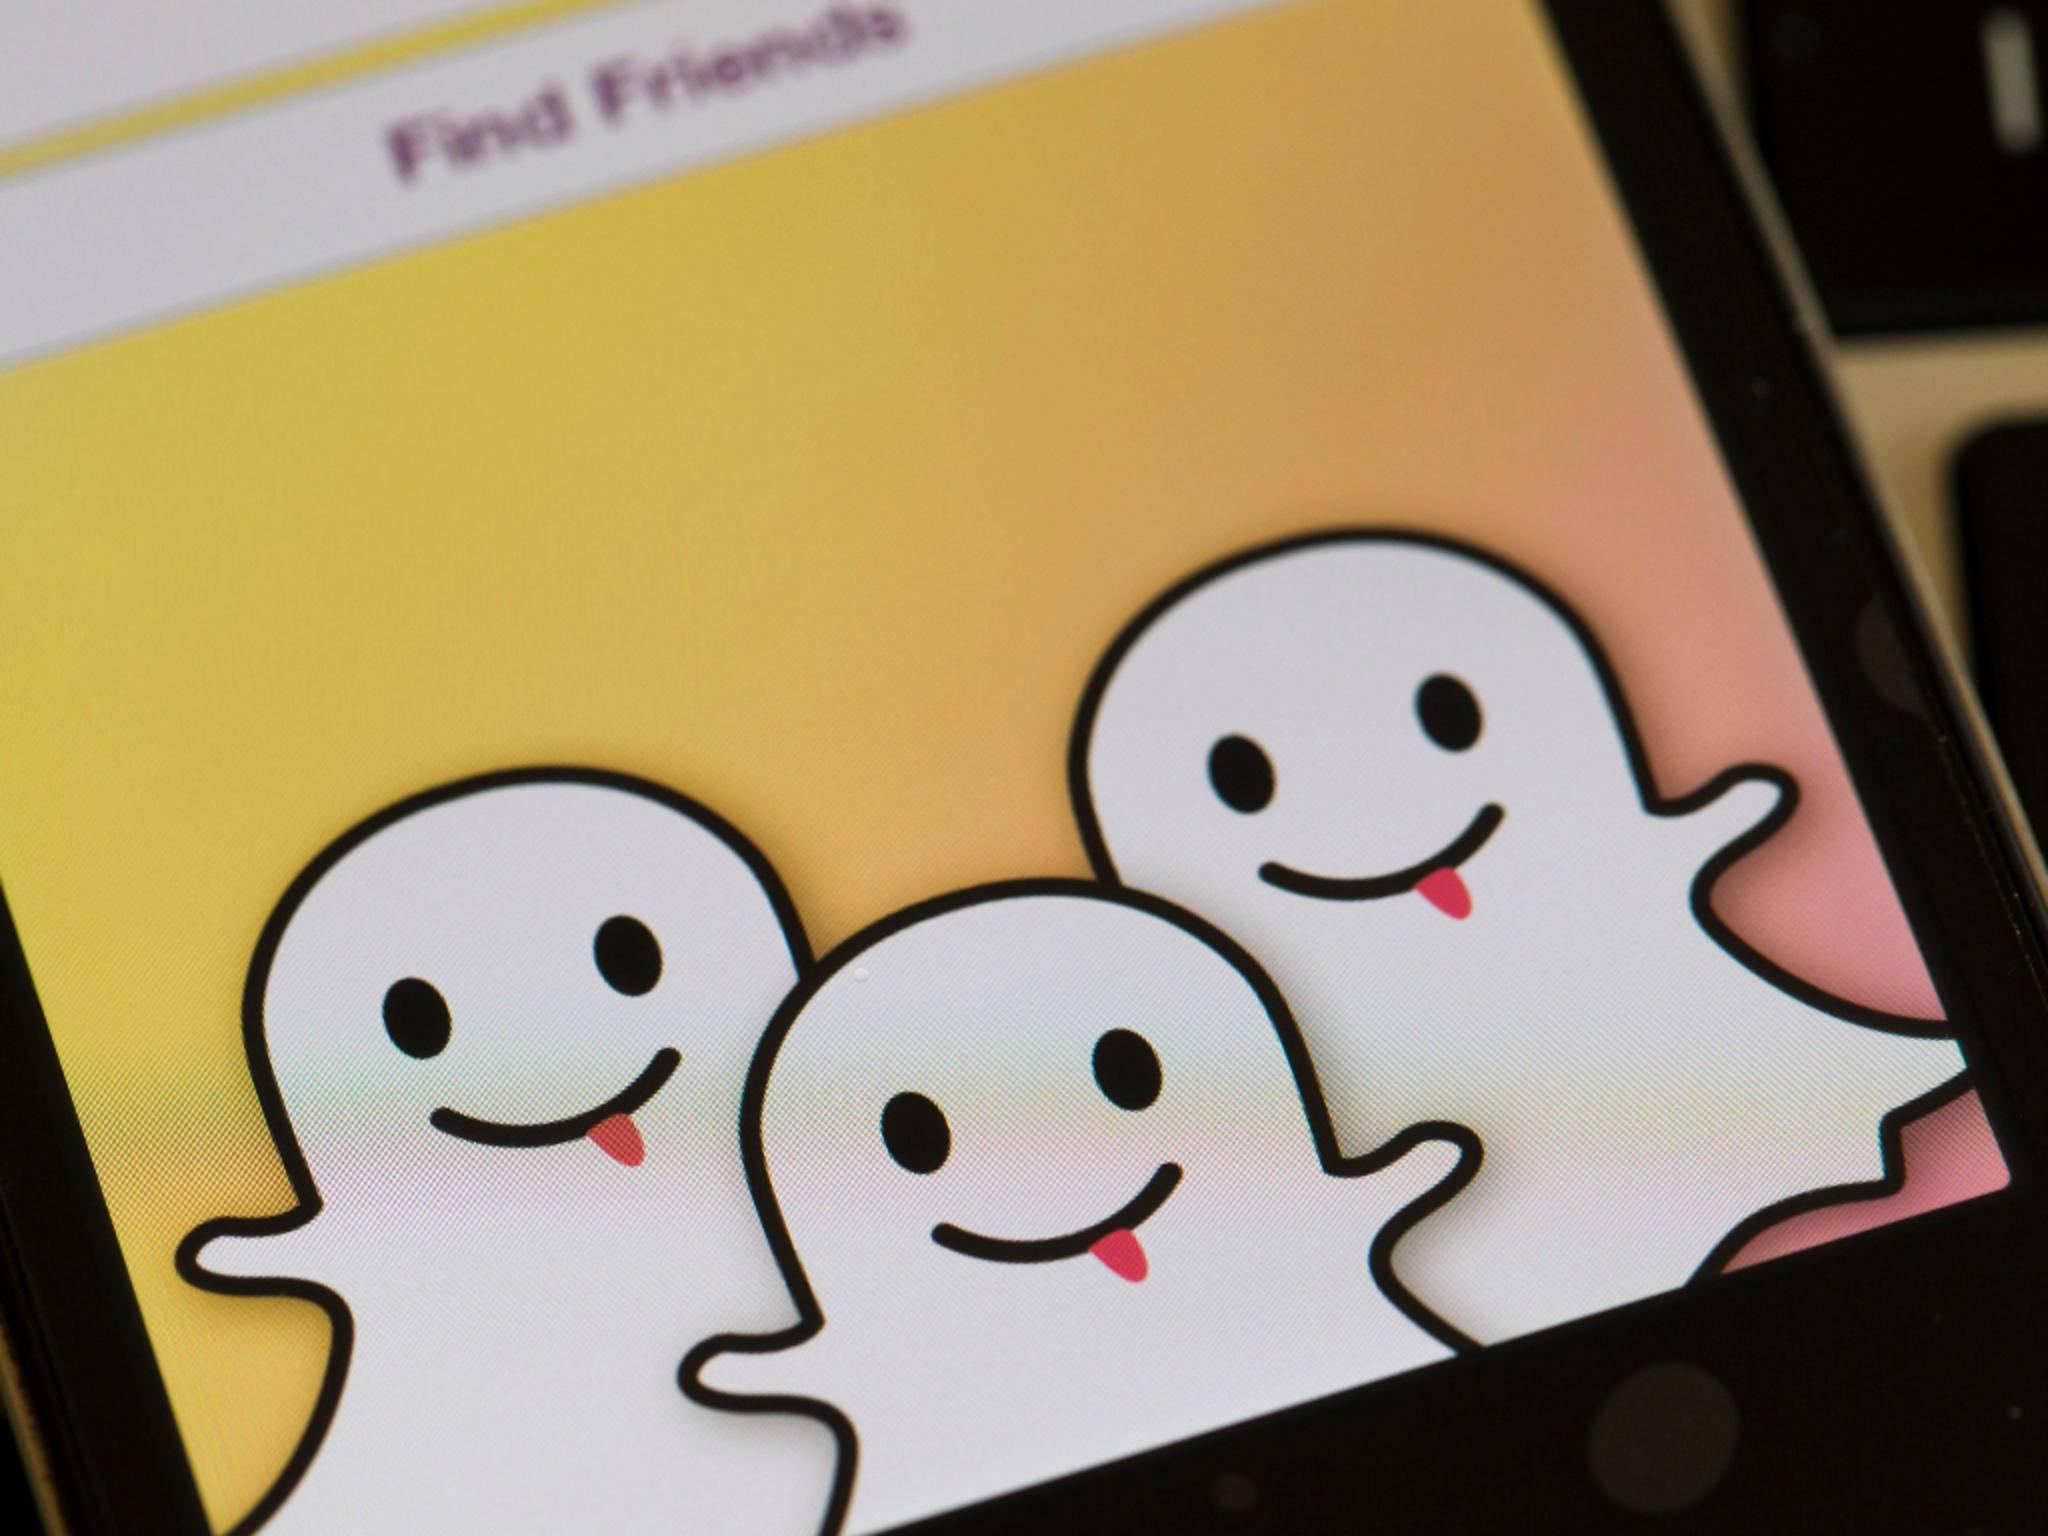 Snapchat hat ein paar versteckte Funktionen, die Du vielleicht noch nicht kennst.